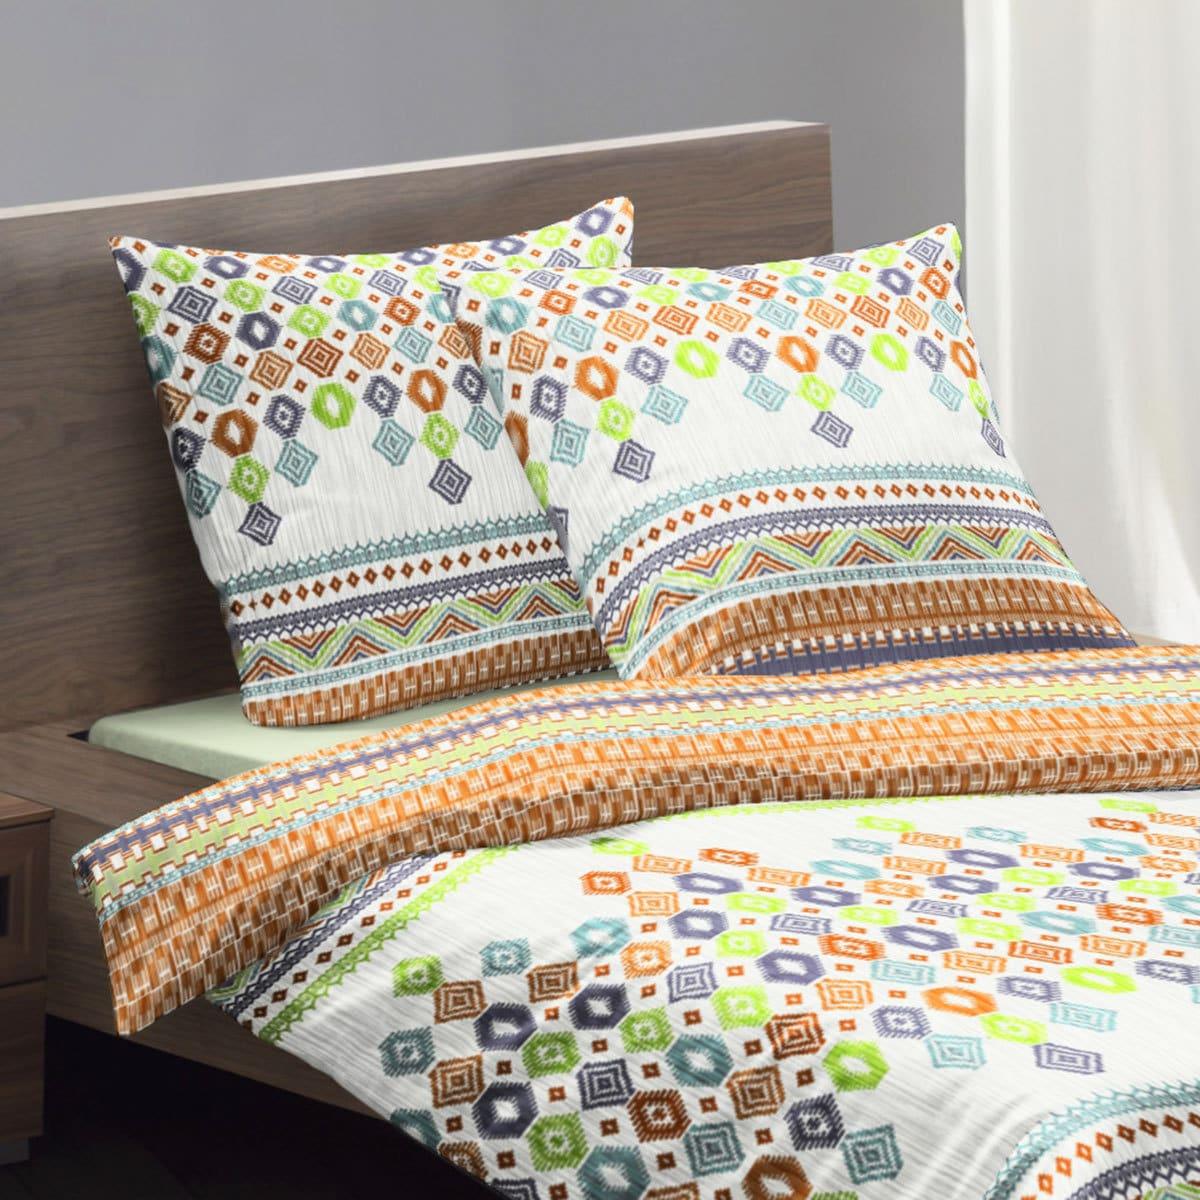 traumschlaf mako satin bettw sche 113704 03 g nstig online kaufen bei bettwaren shop. Black Bedroom Furniture Sets. Home Design Ideas